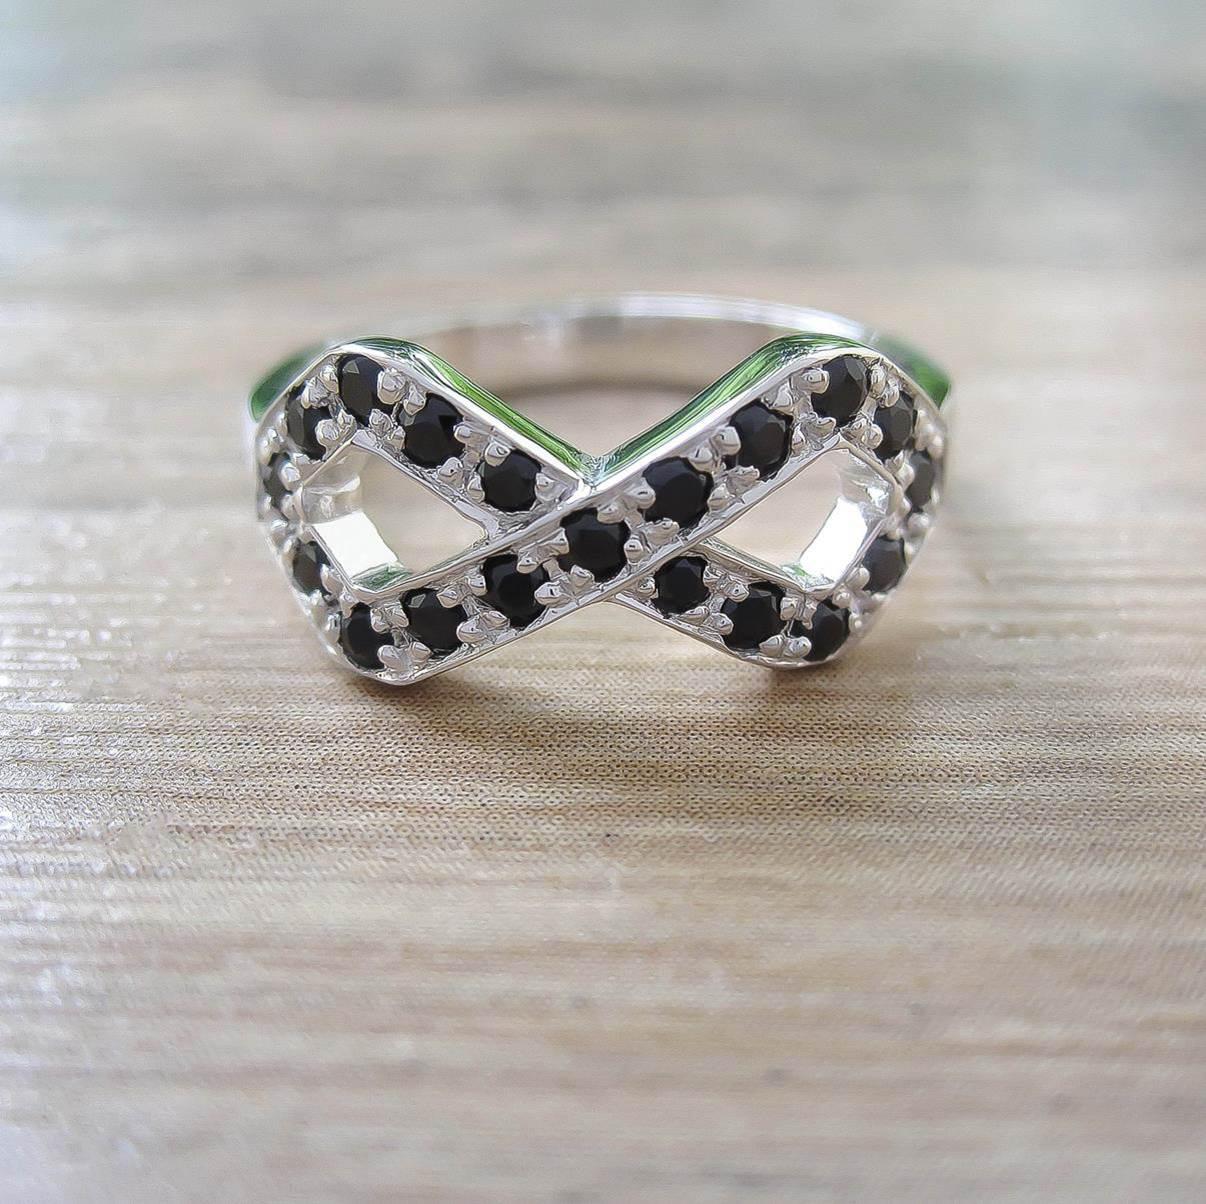 แหวน Black Onyx Sterling Silver สี Rhodium รุ่น Infinite